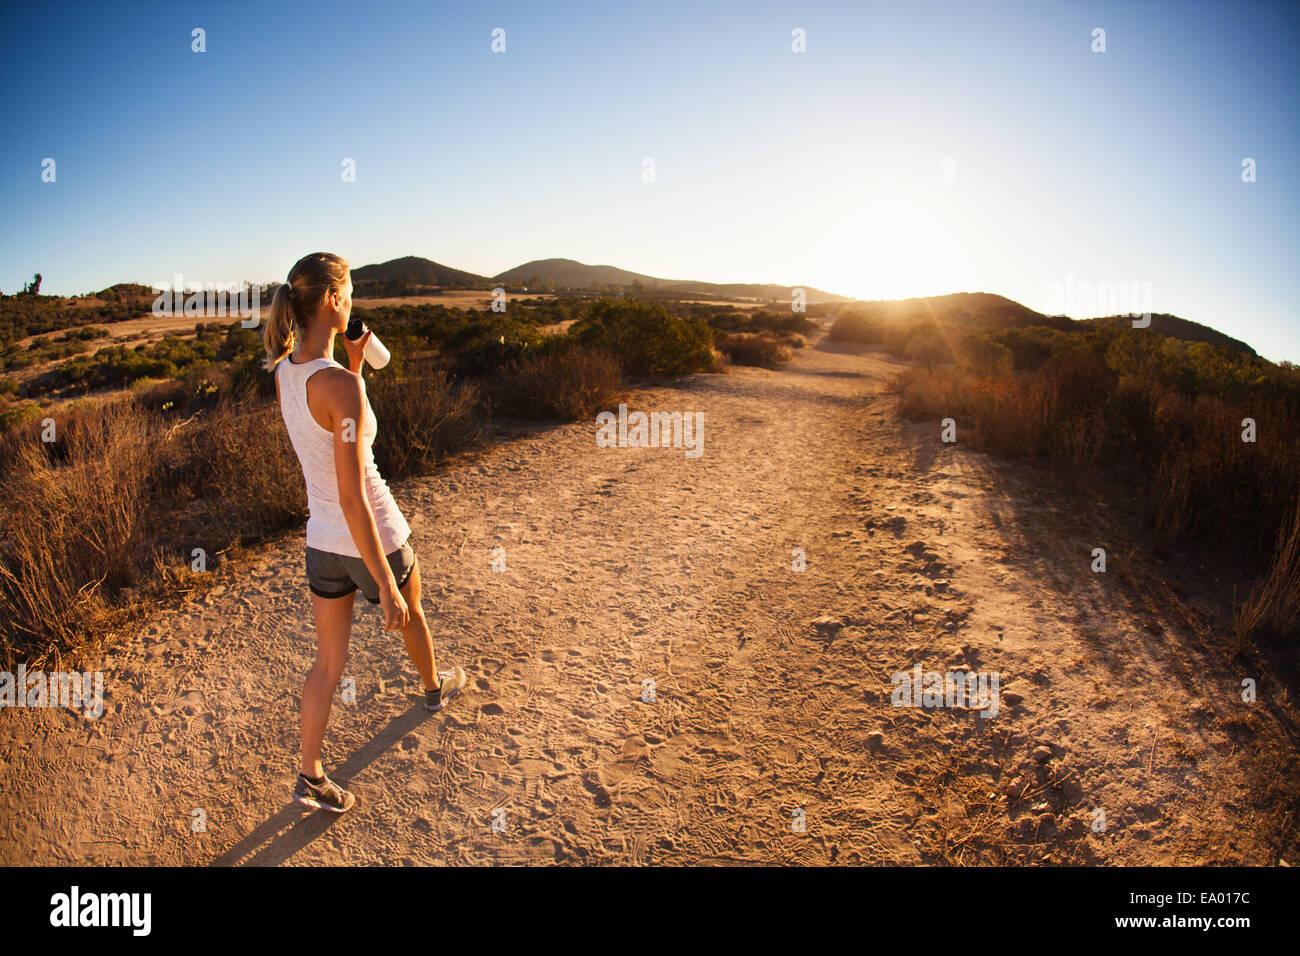 Junge weibliche Jogger unterwegs, trinken, Poway, Kalifornien, USA Stockbild